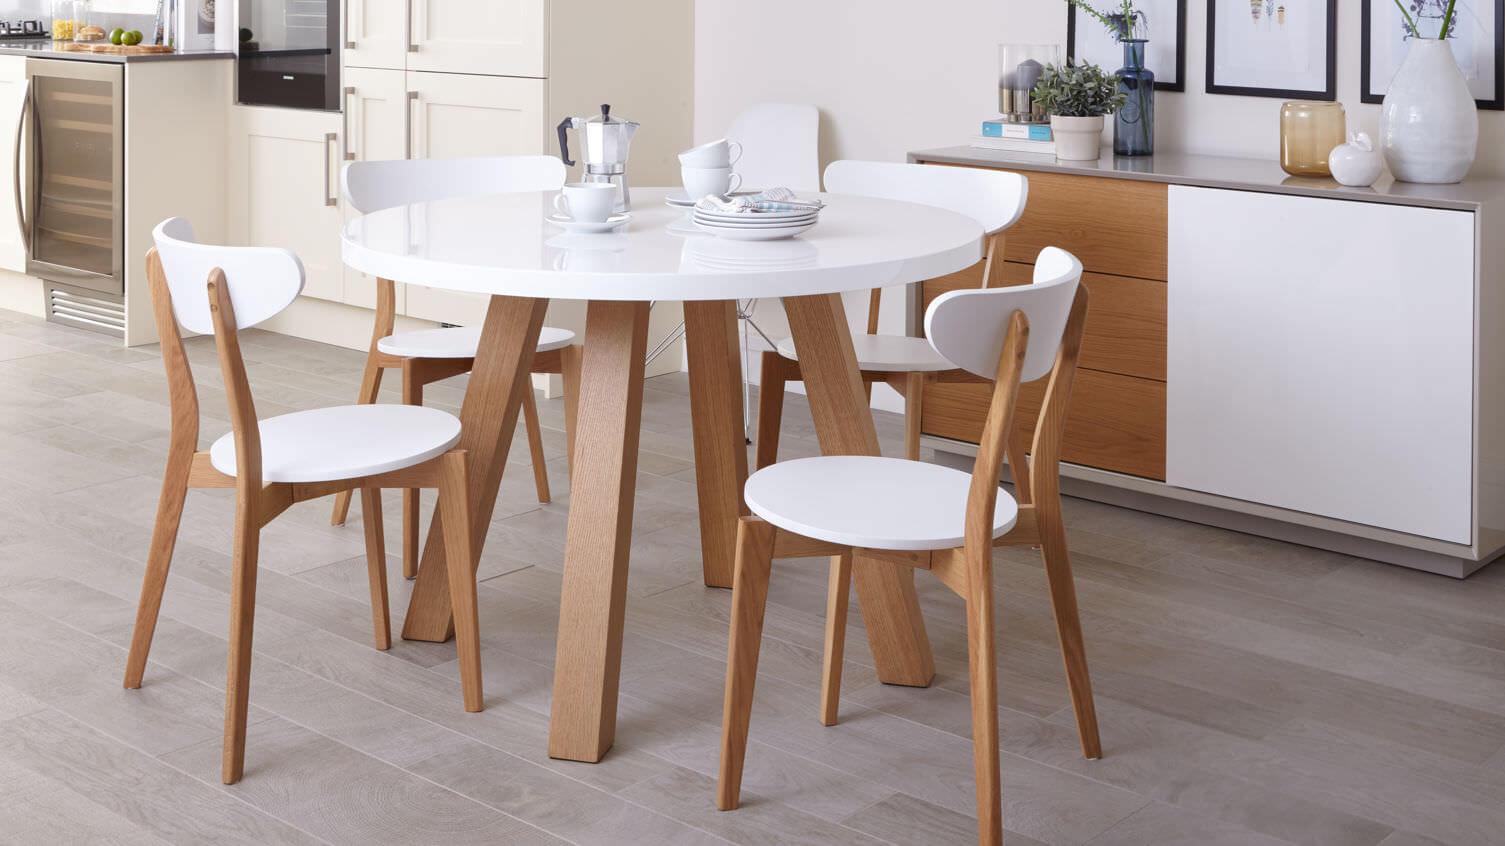 фото кухонных стульев